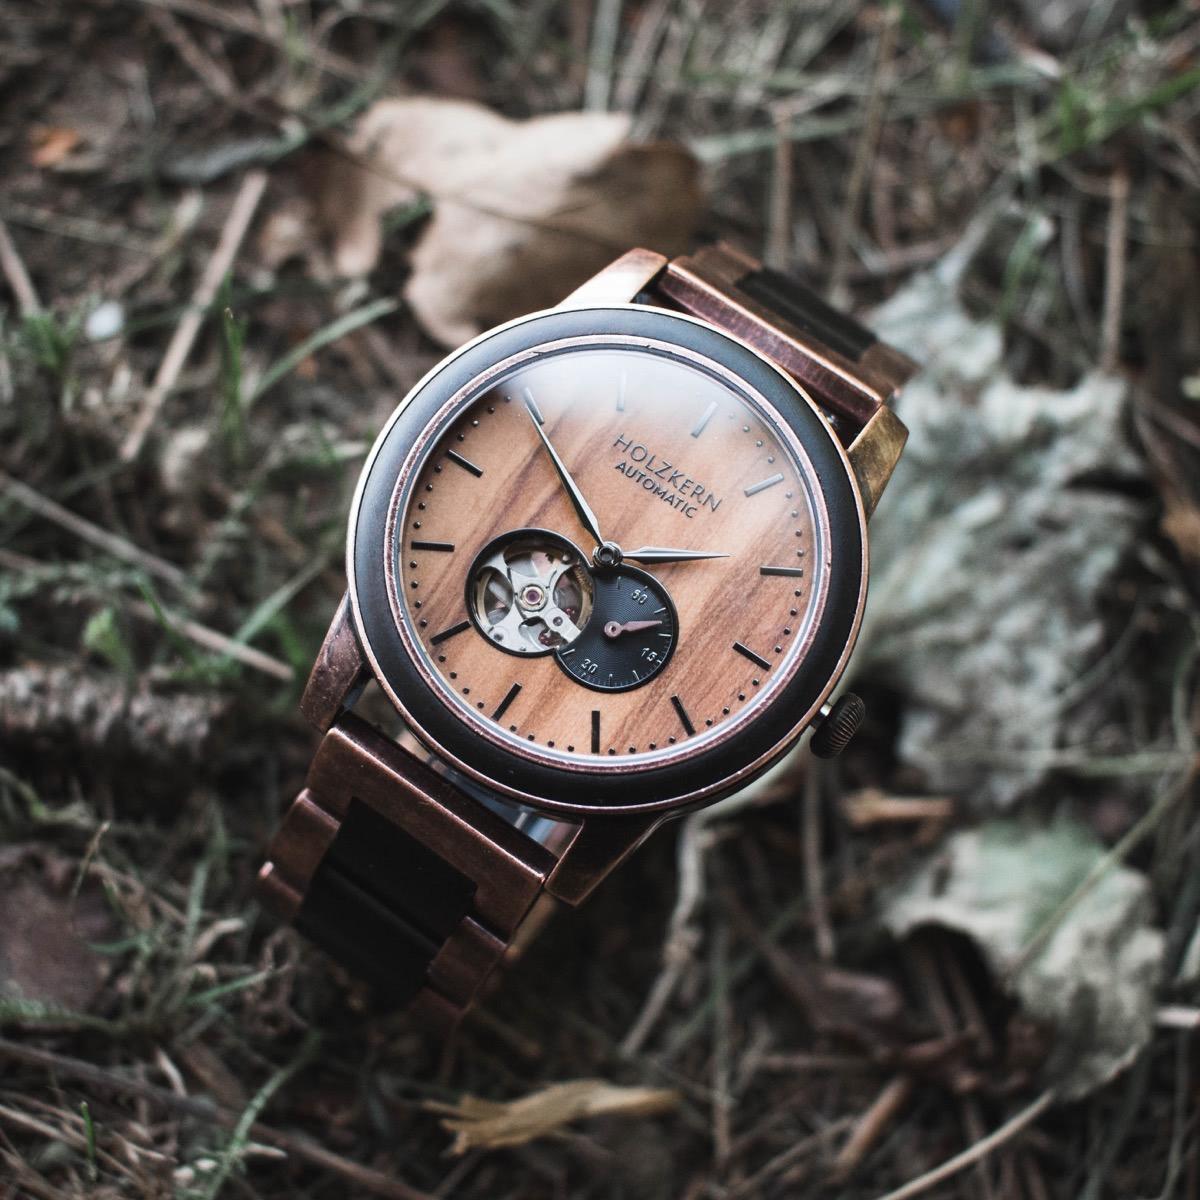 Die Holzuhr Rio aus Leadwood und Olivenholz besitzt ein Automatikuhrwerk, das man am Bild erkennen kann